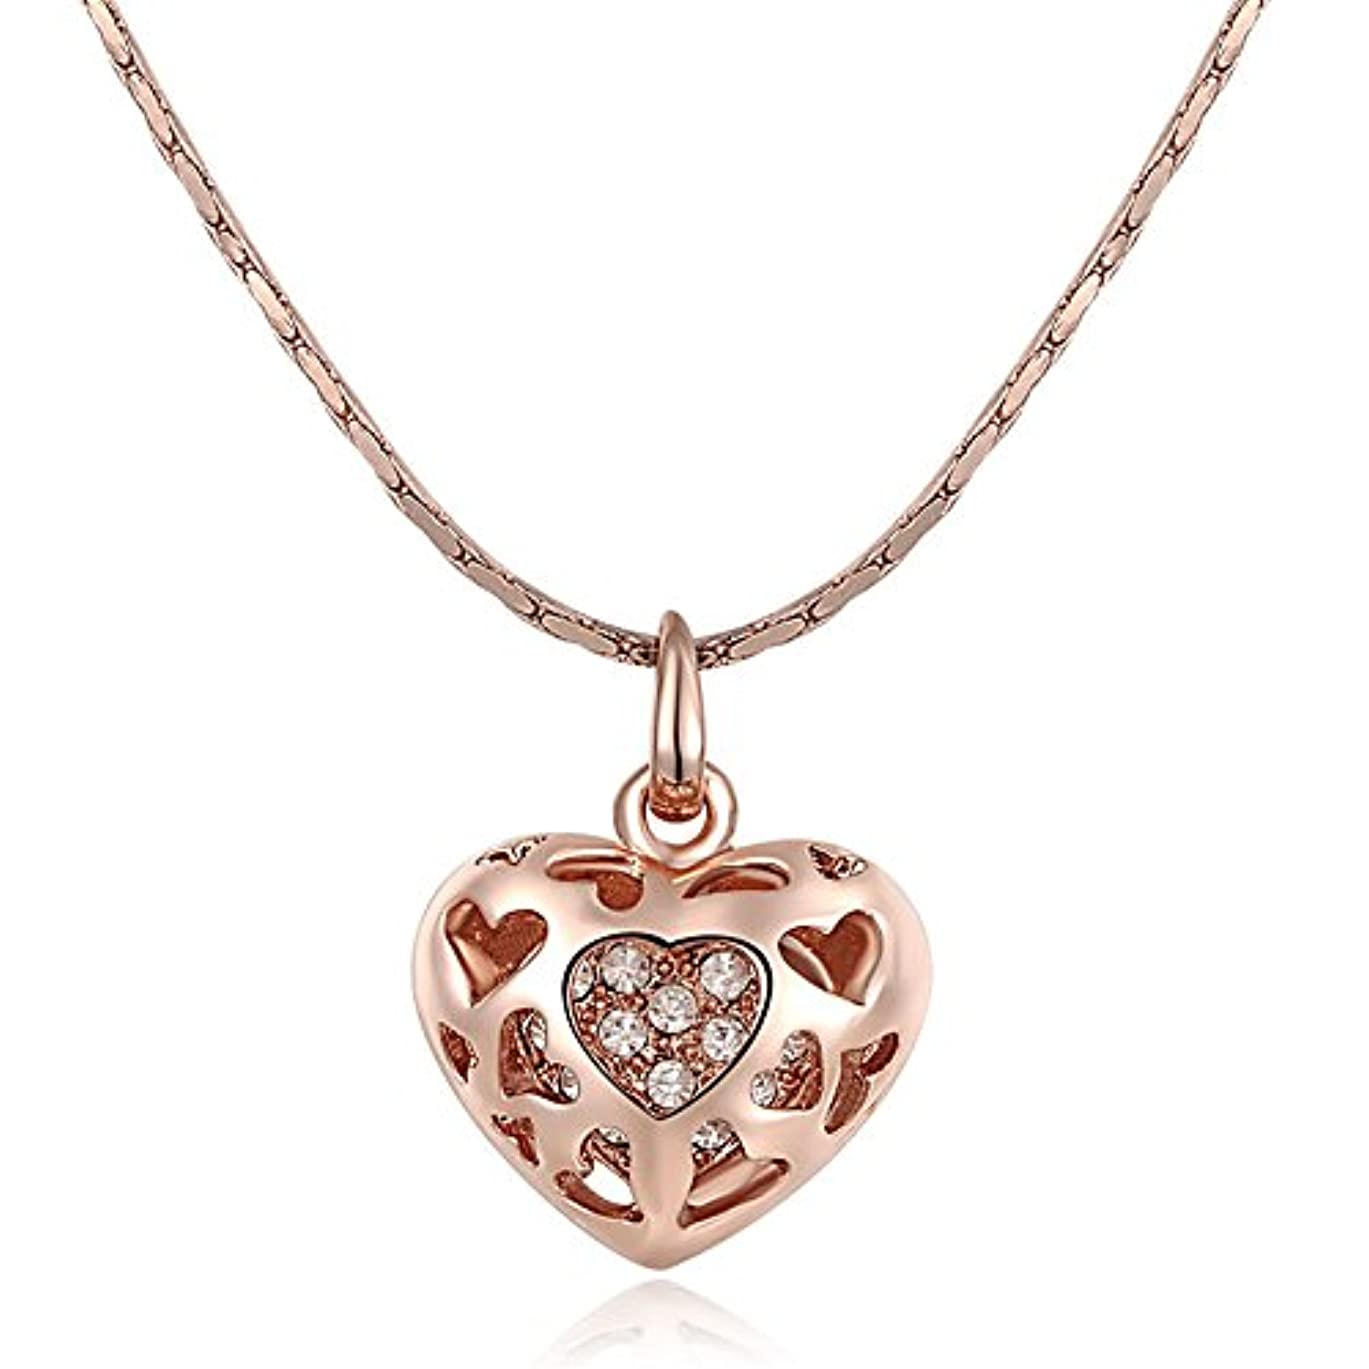 感動する彼は葉可愛い ネックレス 水晶の薔薇の金の型はハート型のネックレス バレンタインデーのプレゼント